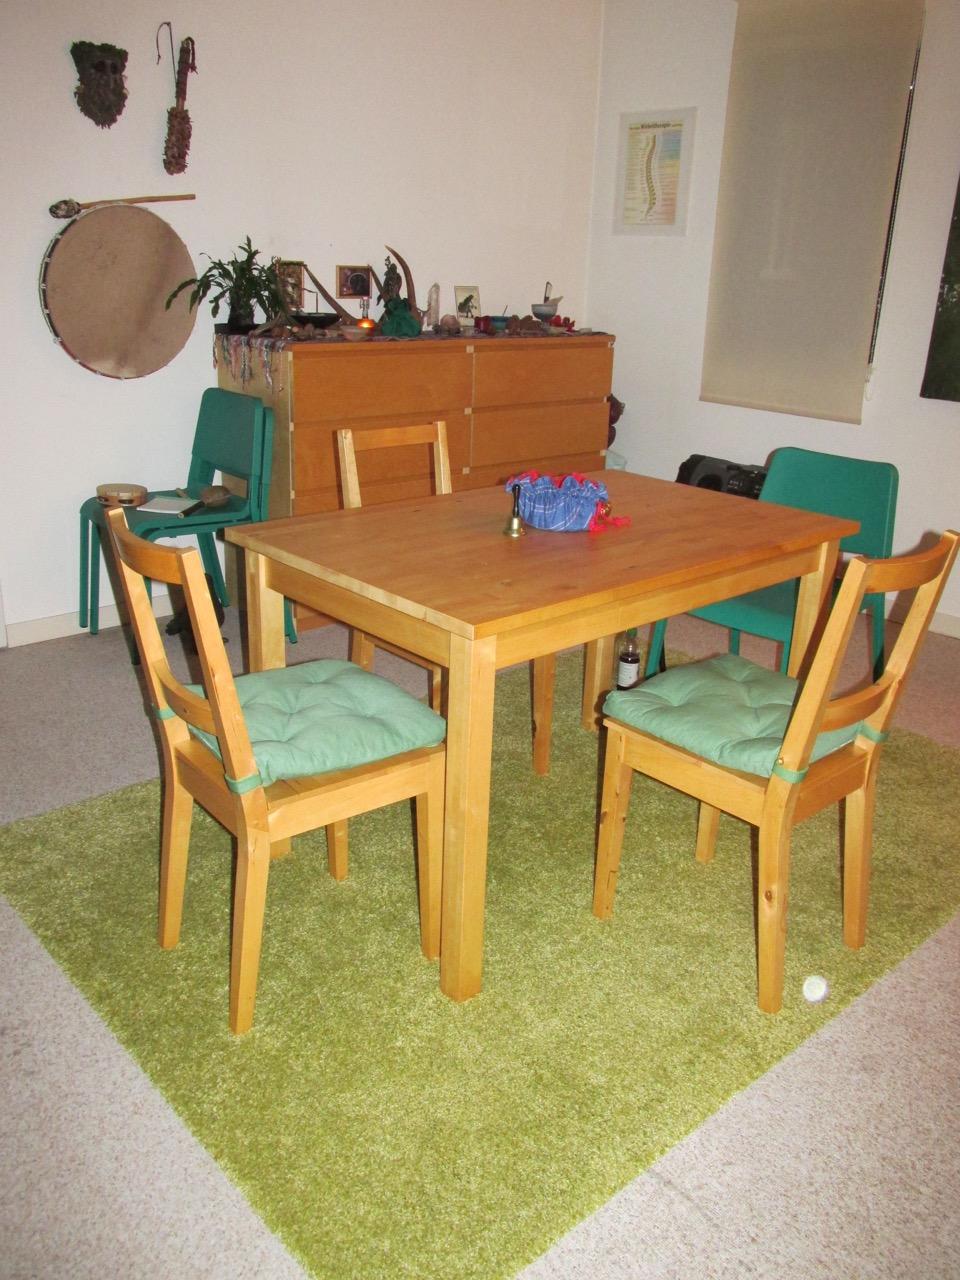 Zirkel-Tischarbeit / Lichtobjekt hinter dem Stuhl